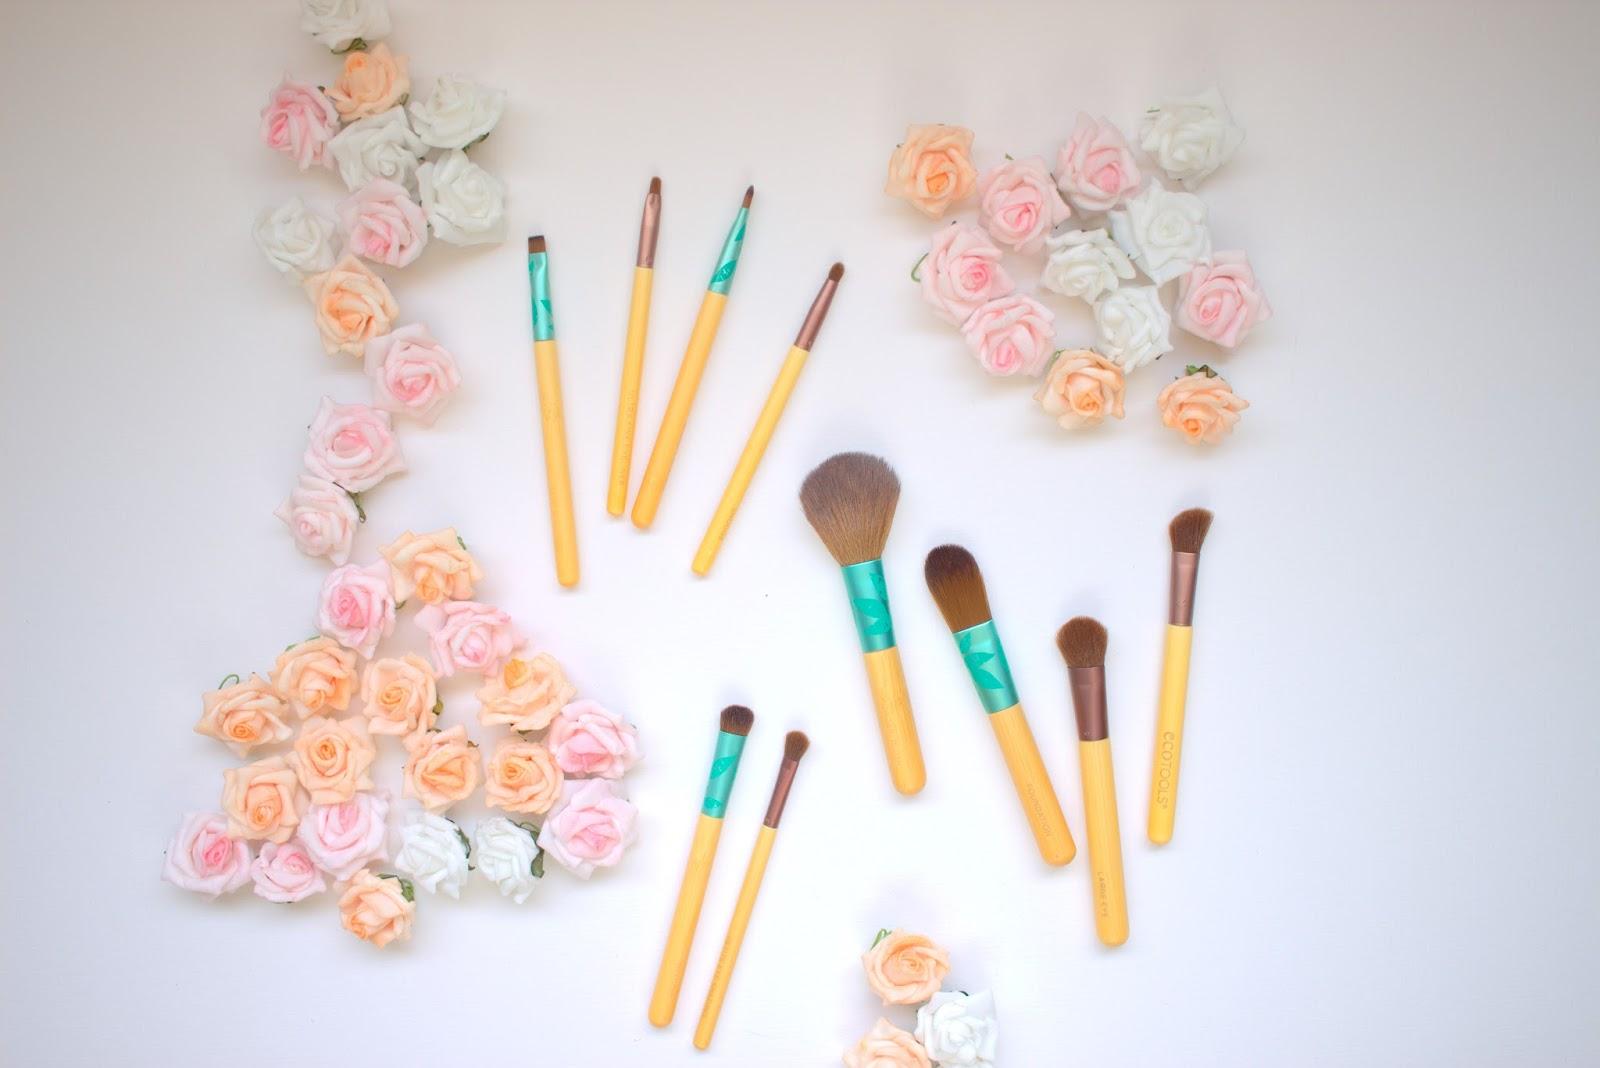 ecotools makeup brushes vegan all natural non toxic